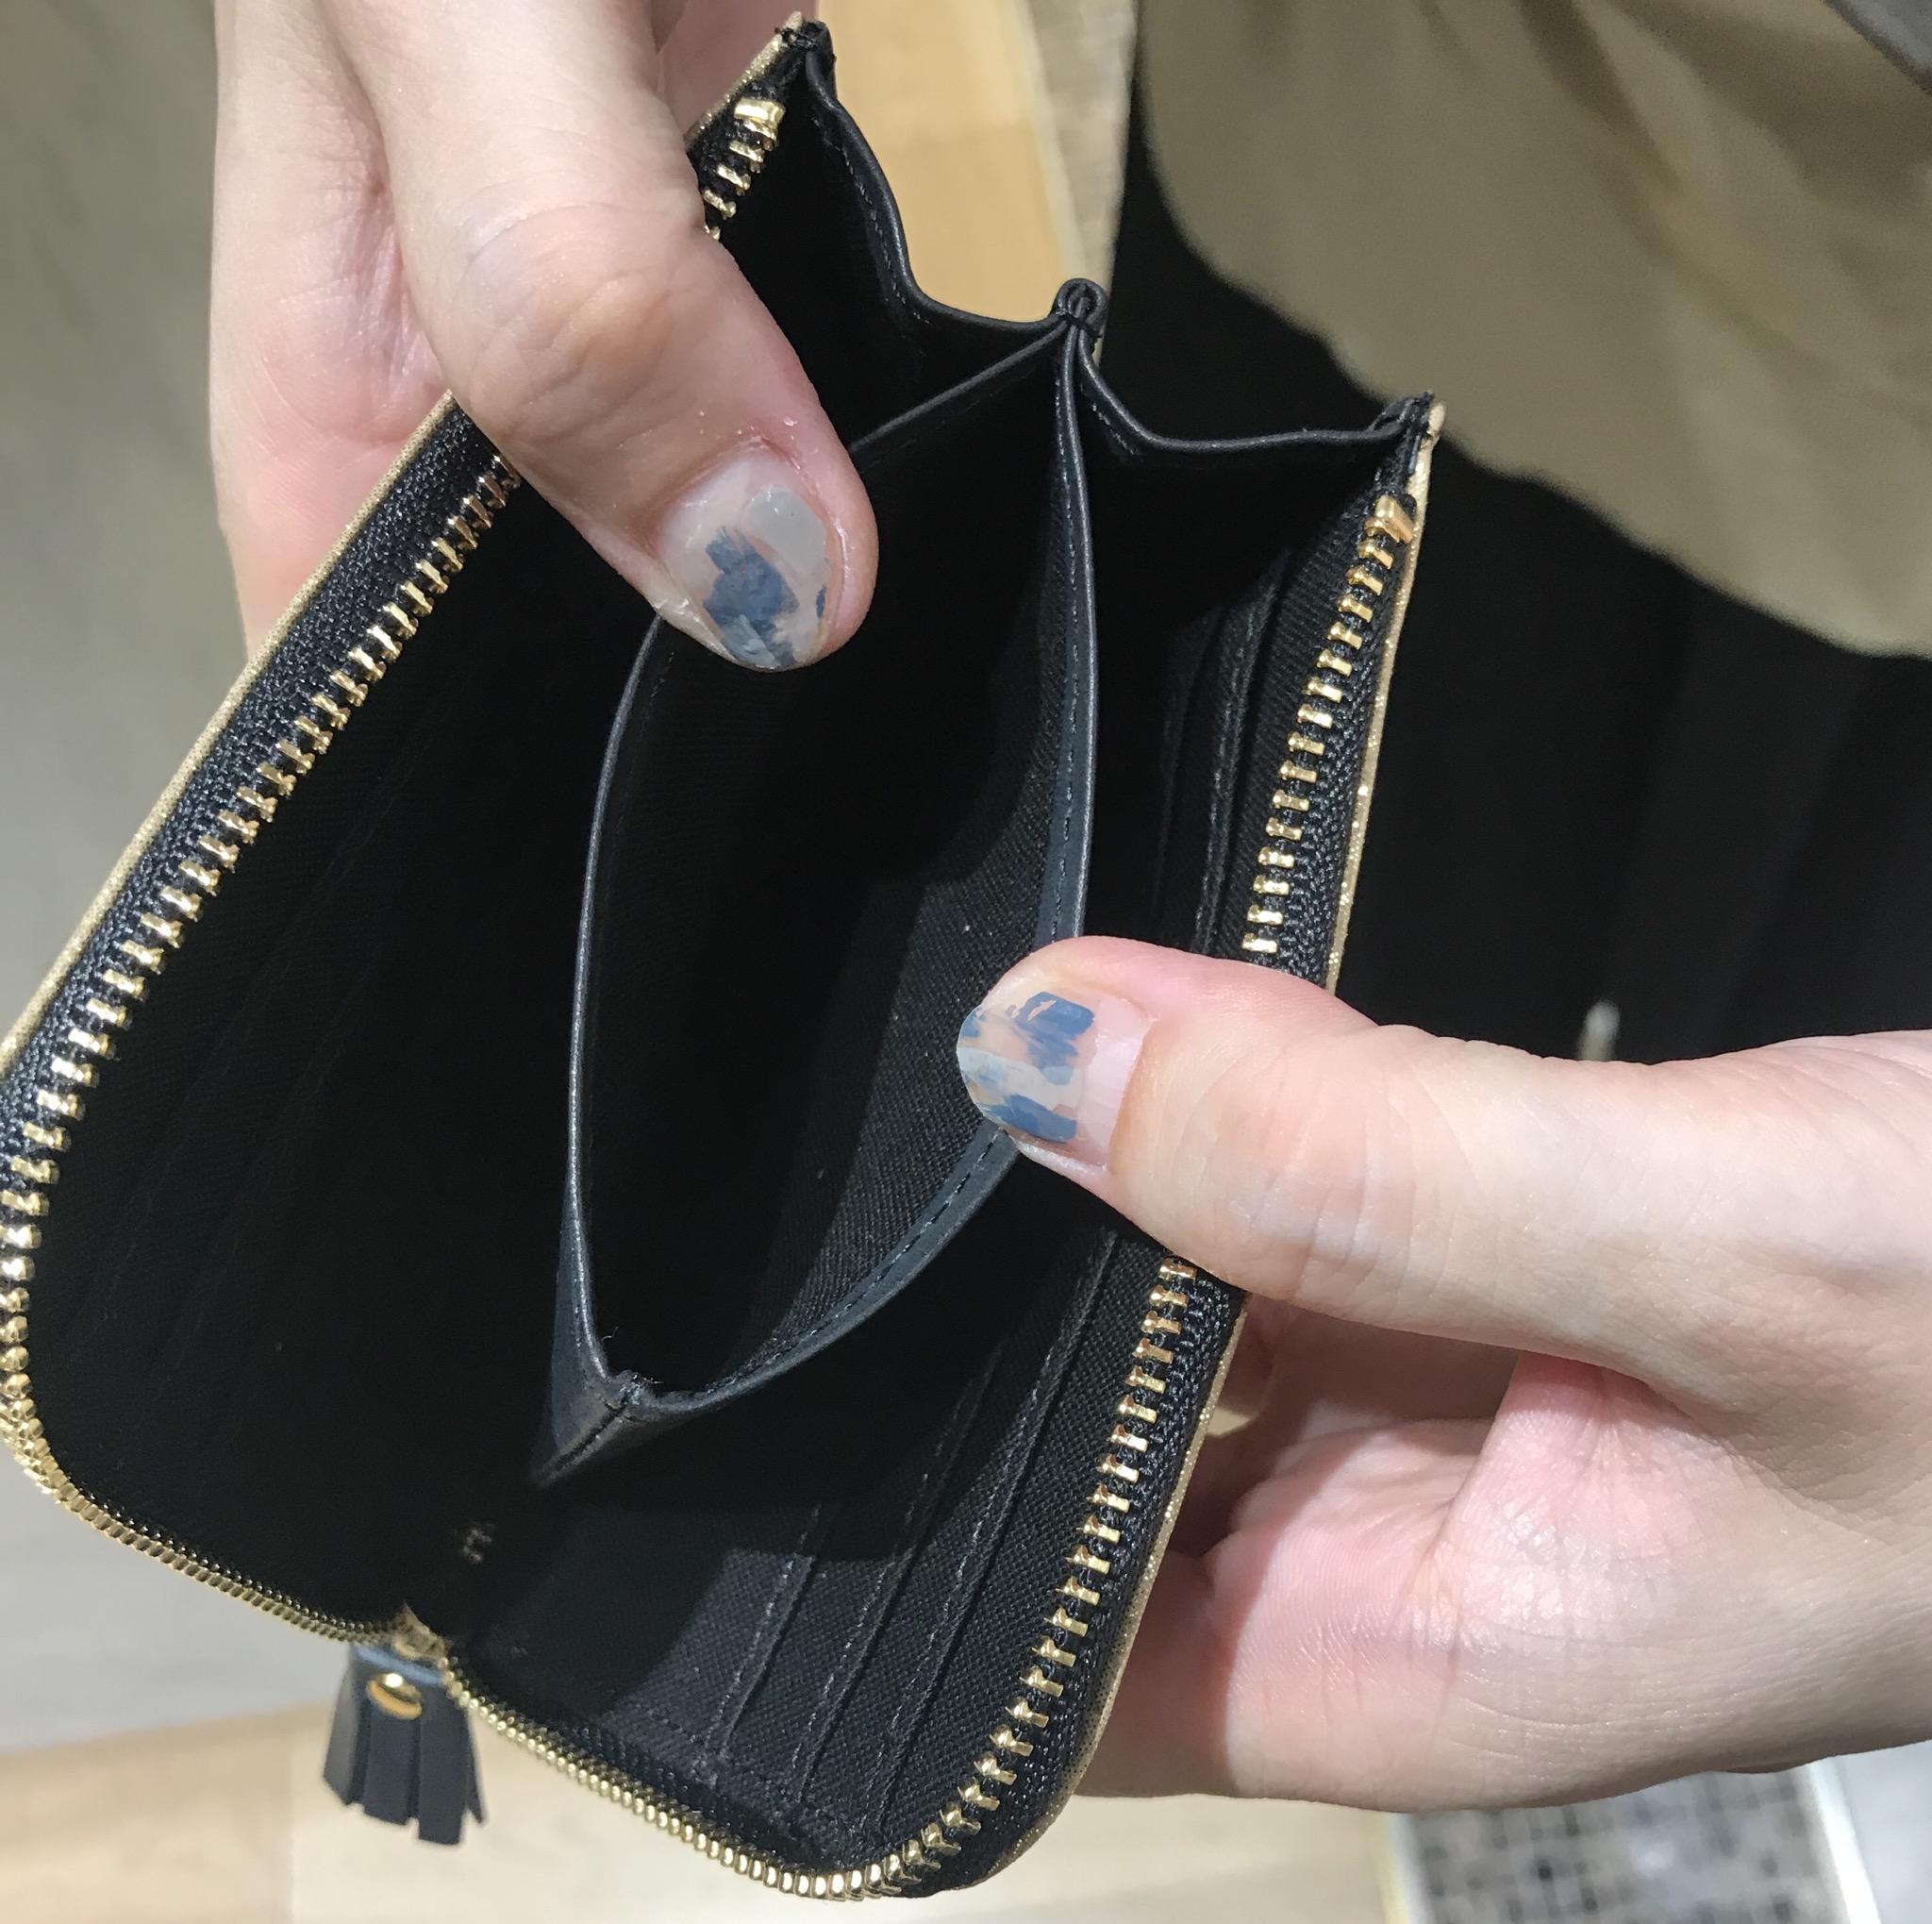 POMTATA Scrap Book ポンタタ スクラップブック 渋谷ヒカリエShinQs 日本製 日本ブランド レザー 本革財布 L字ファスナーウォレット wallet 薄型財布 職人